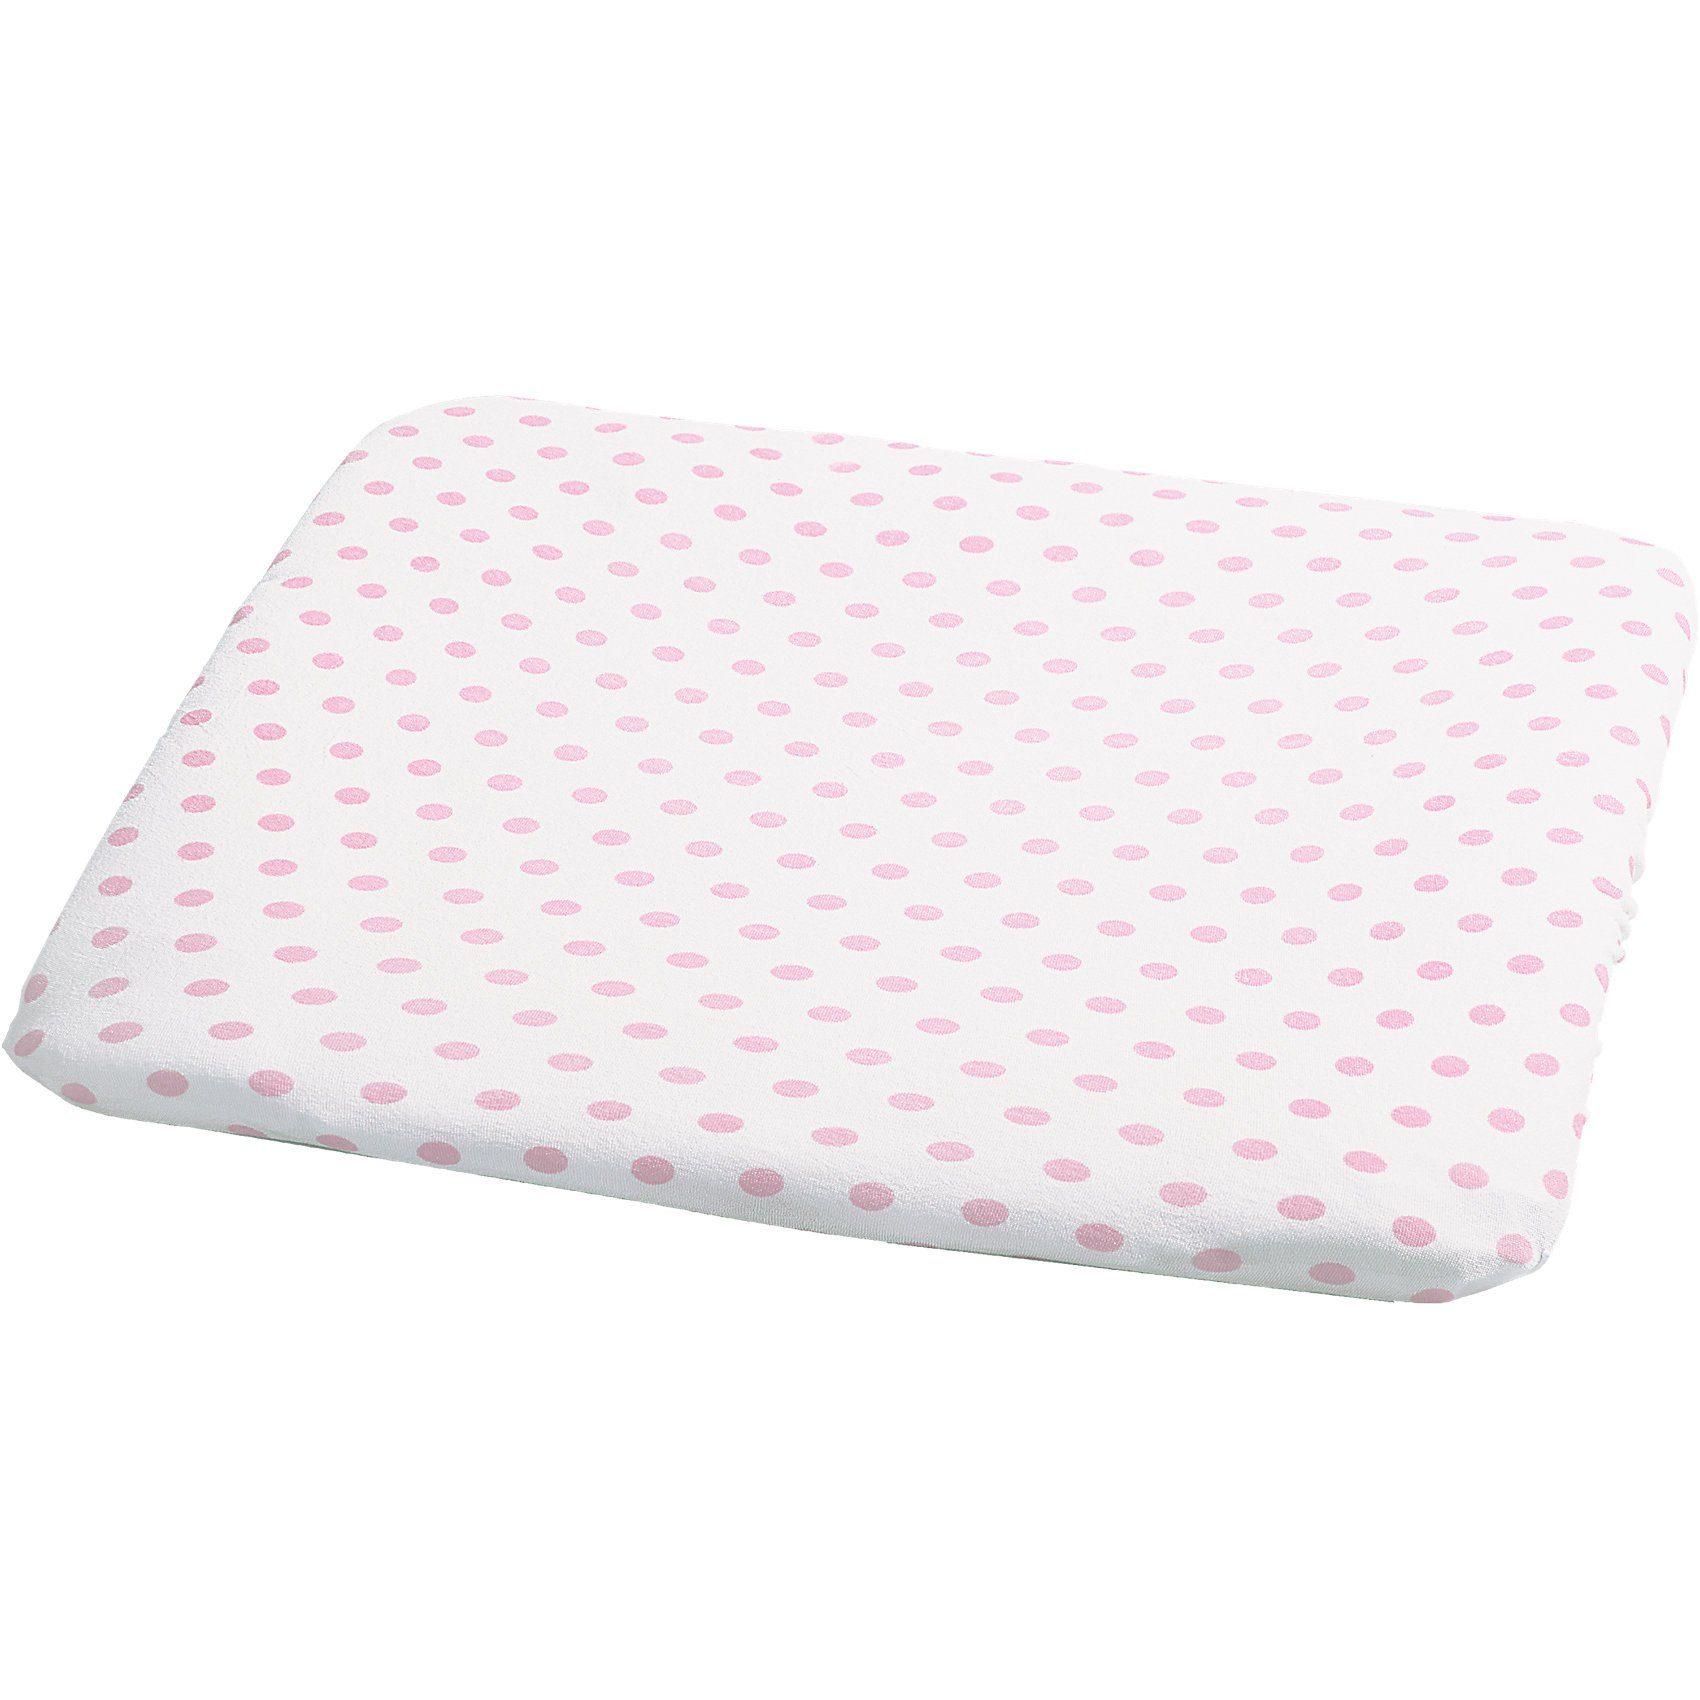 Odenw/älder Frottee-Bezug f/ür Wickelauflage Soft Pink